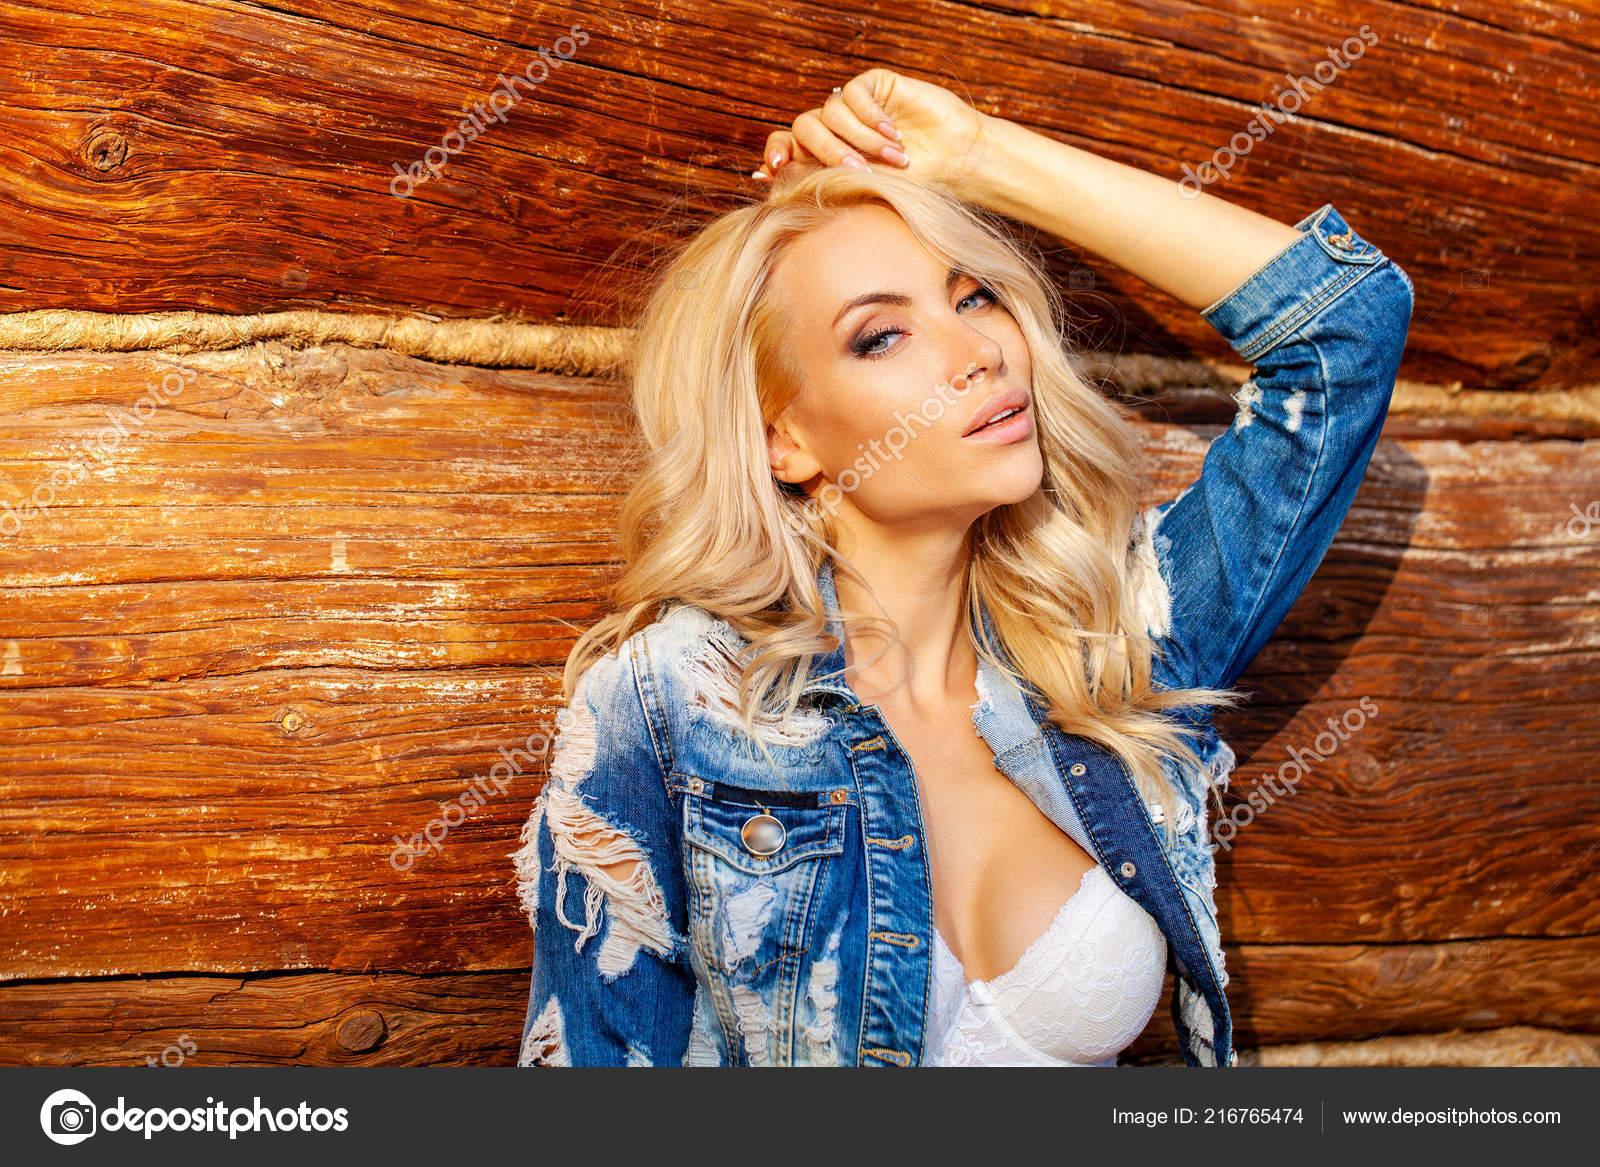 molodaya-seksualnaya-blondinka-v-dzhinsah-na-belom-fone